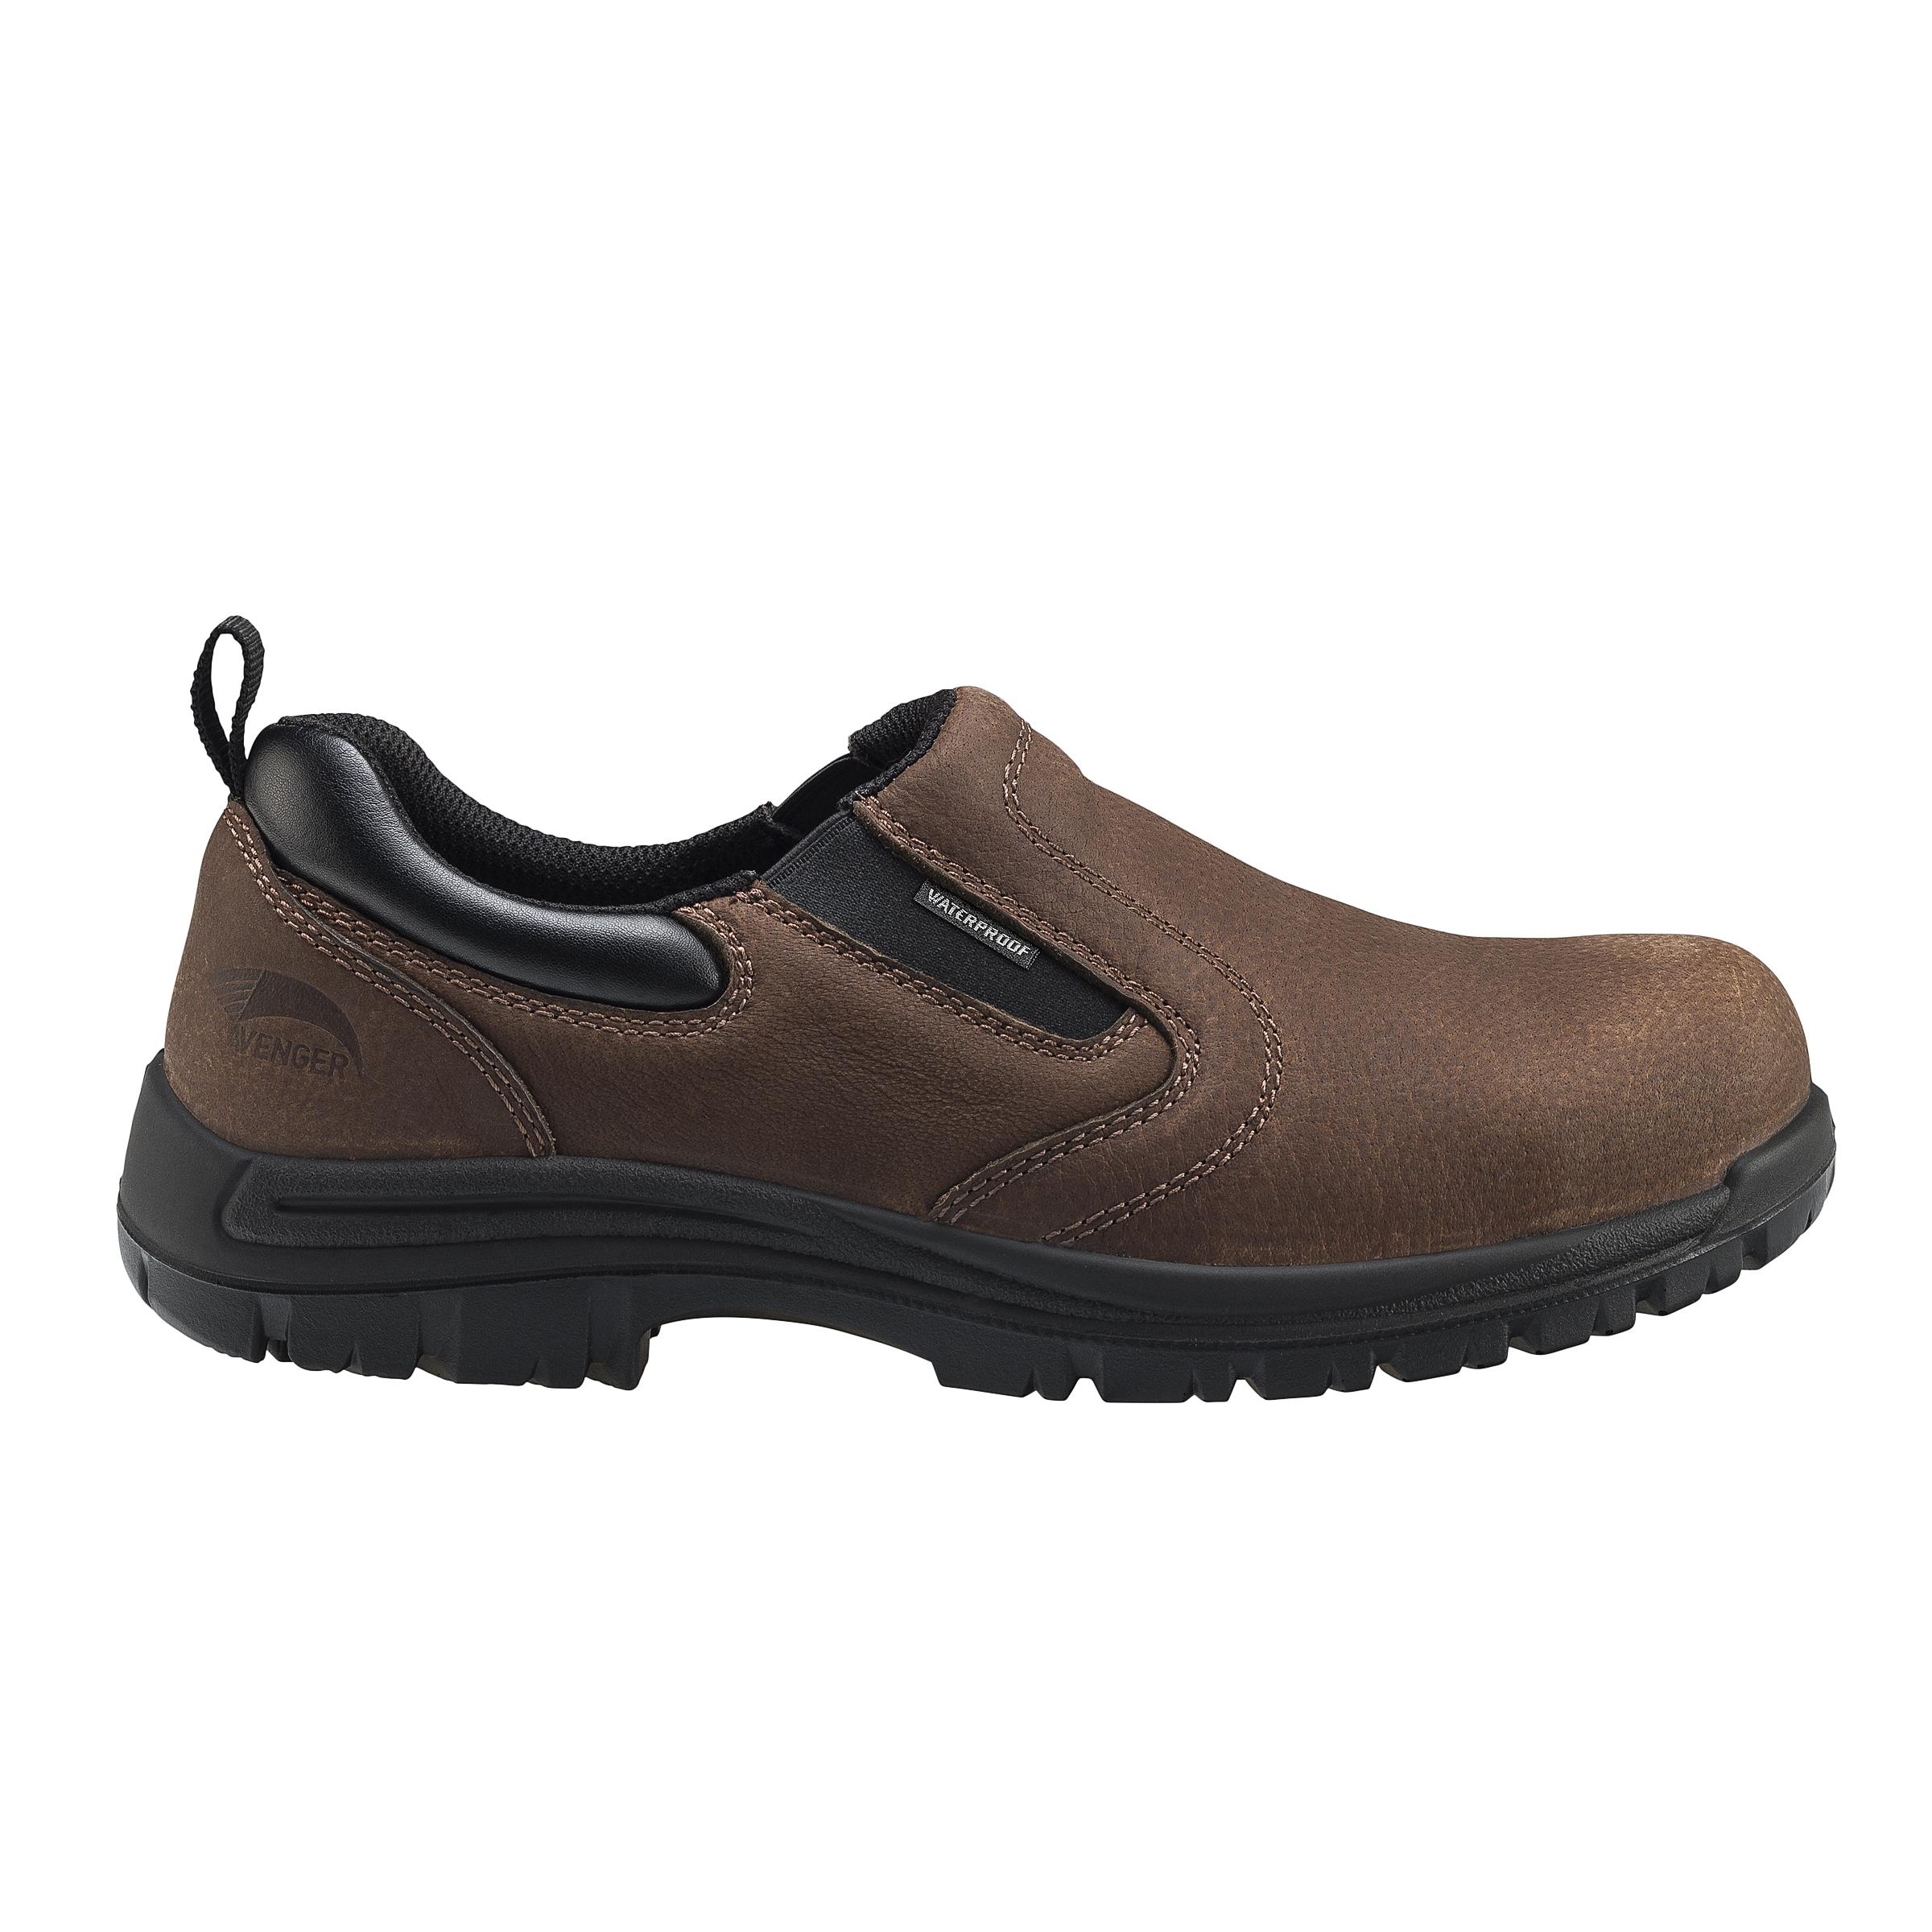 Men's Leather Waterproof Slip On